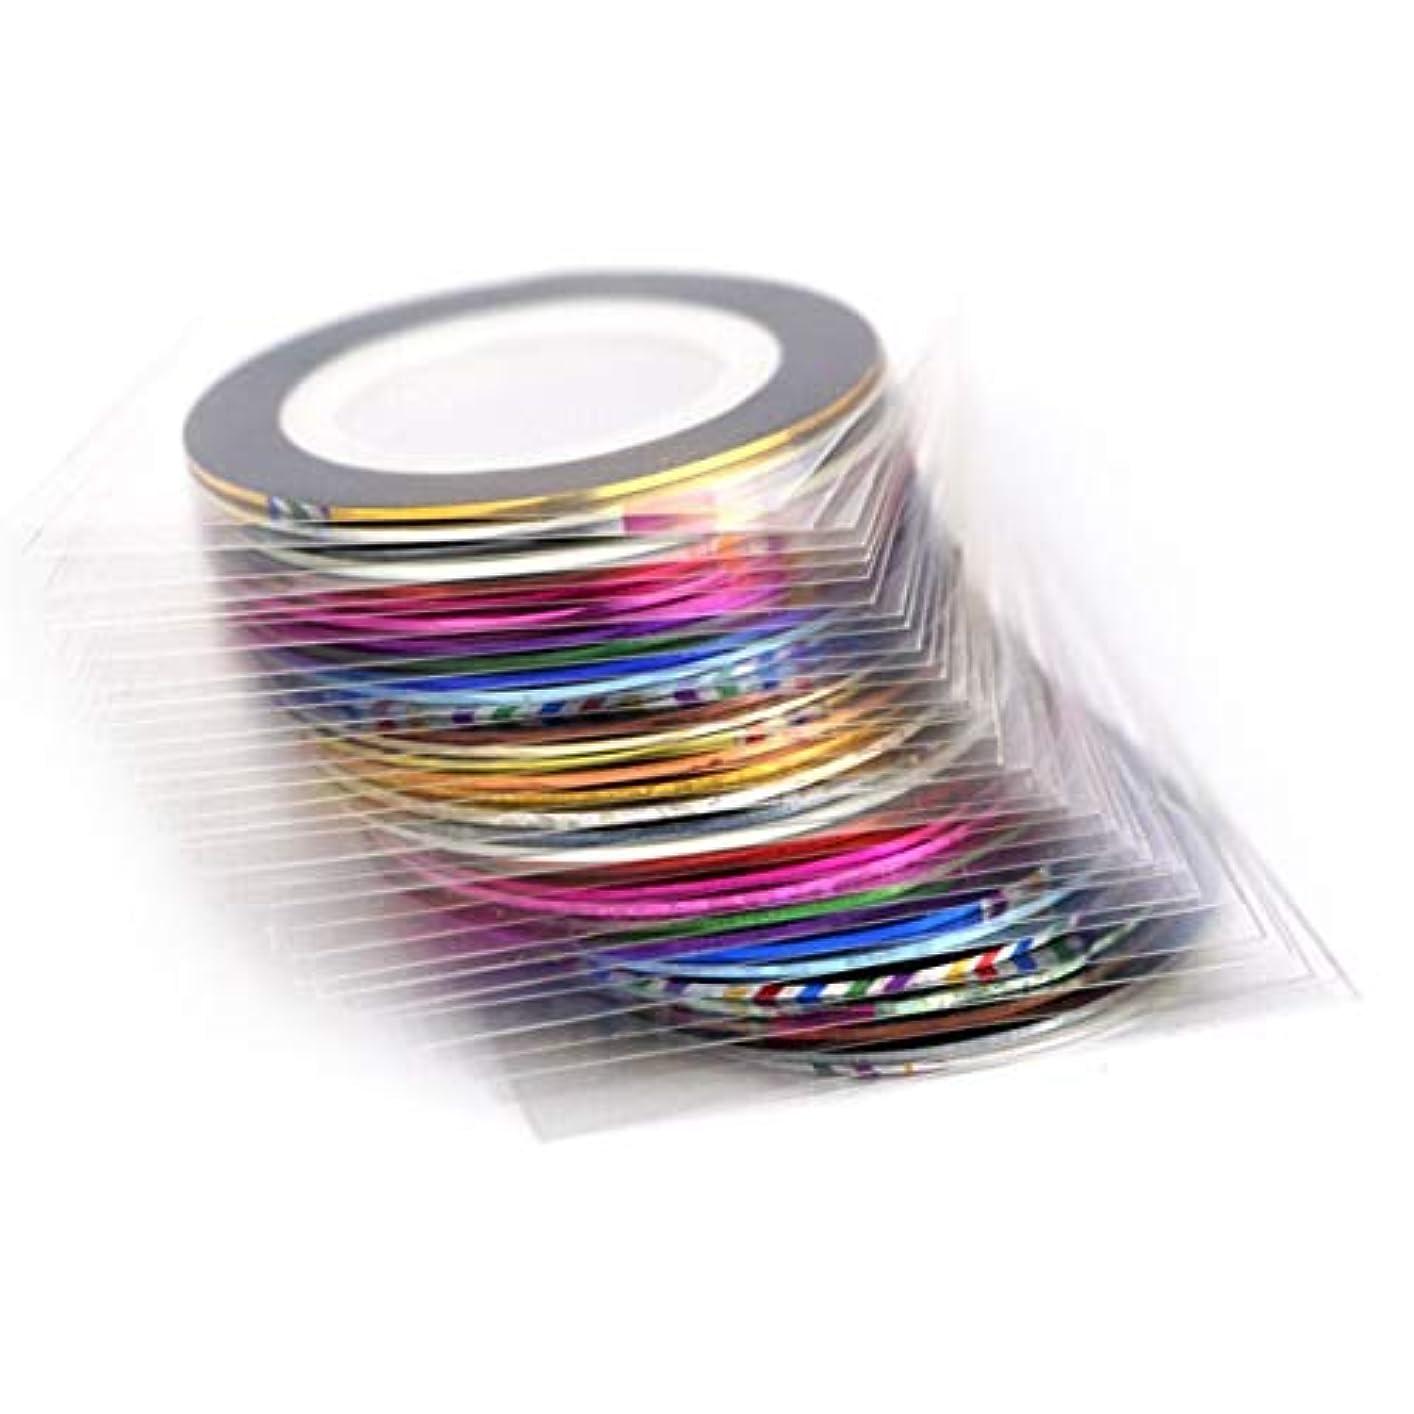 認識弱い休暇バードランタンネイルゴールドスレッドペースト色付きドローイングライン接着テープネイルステッカー10色20色30色